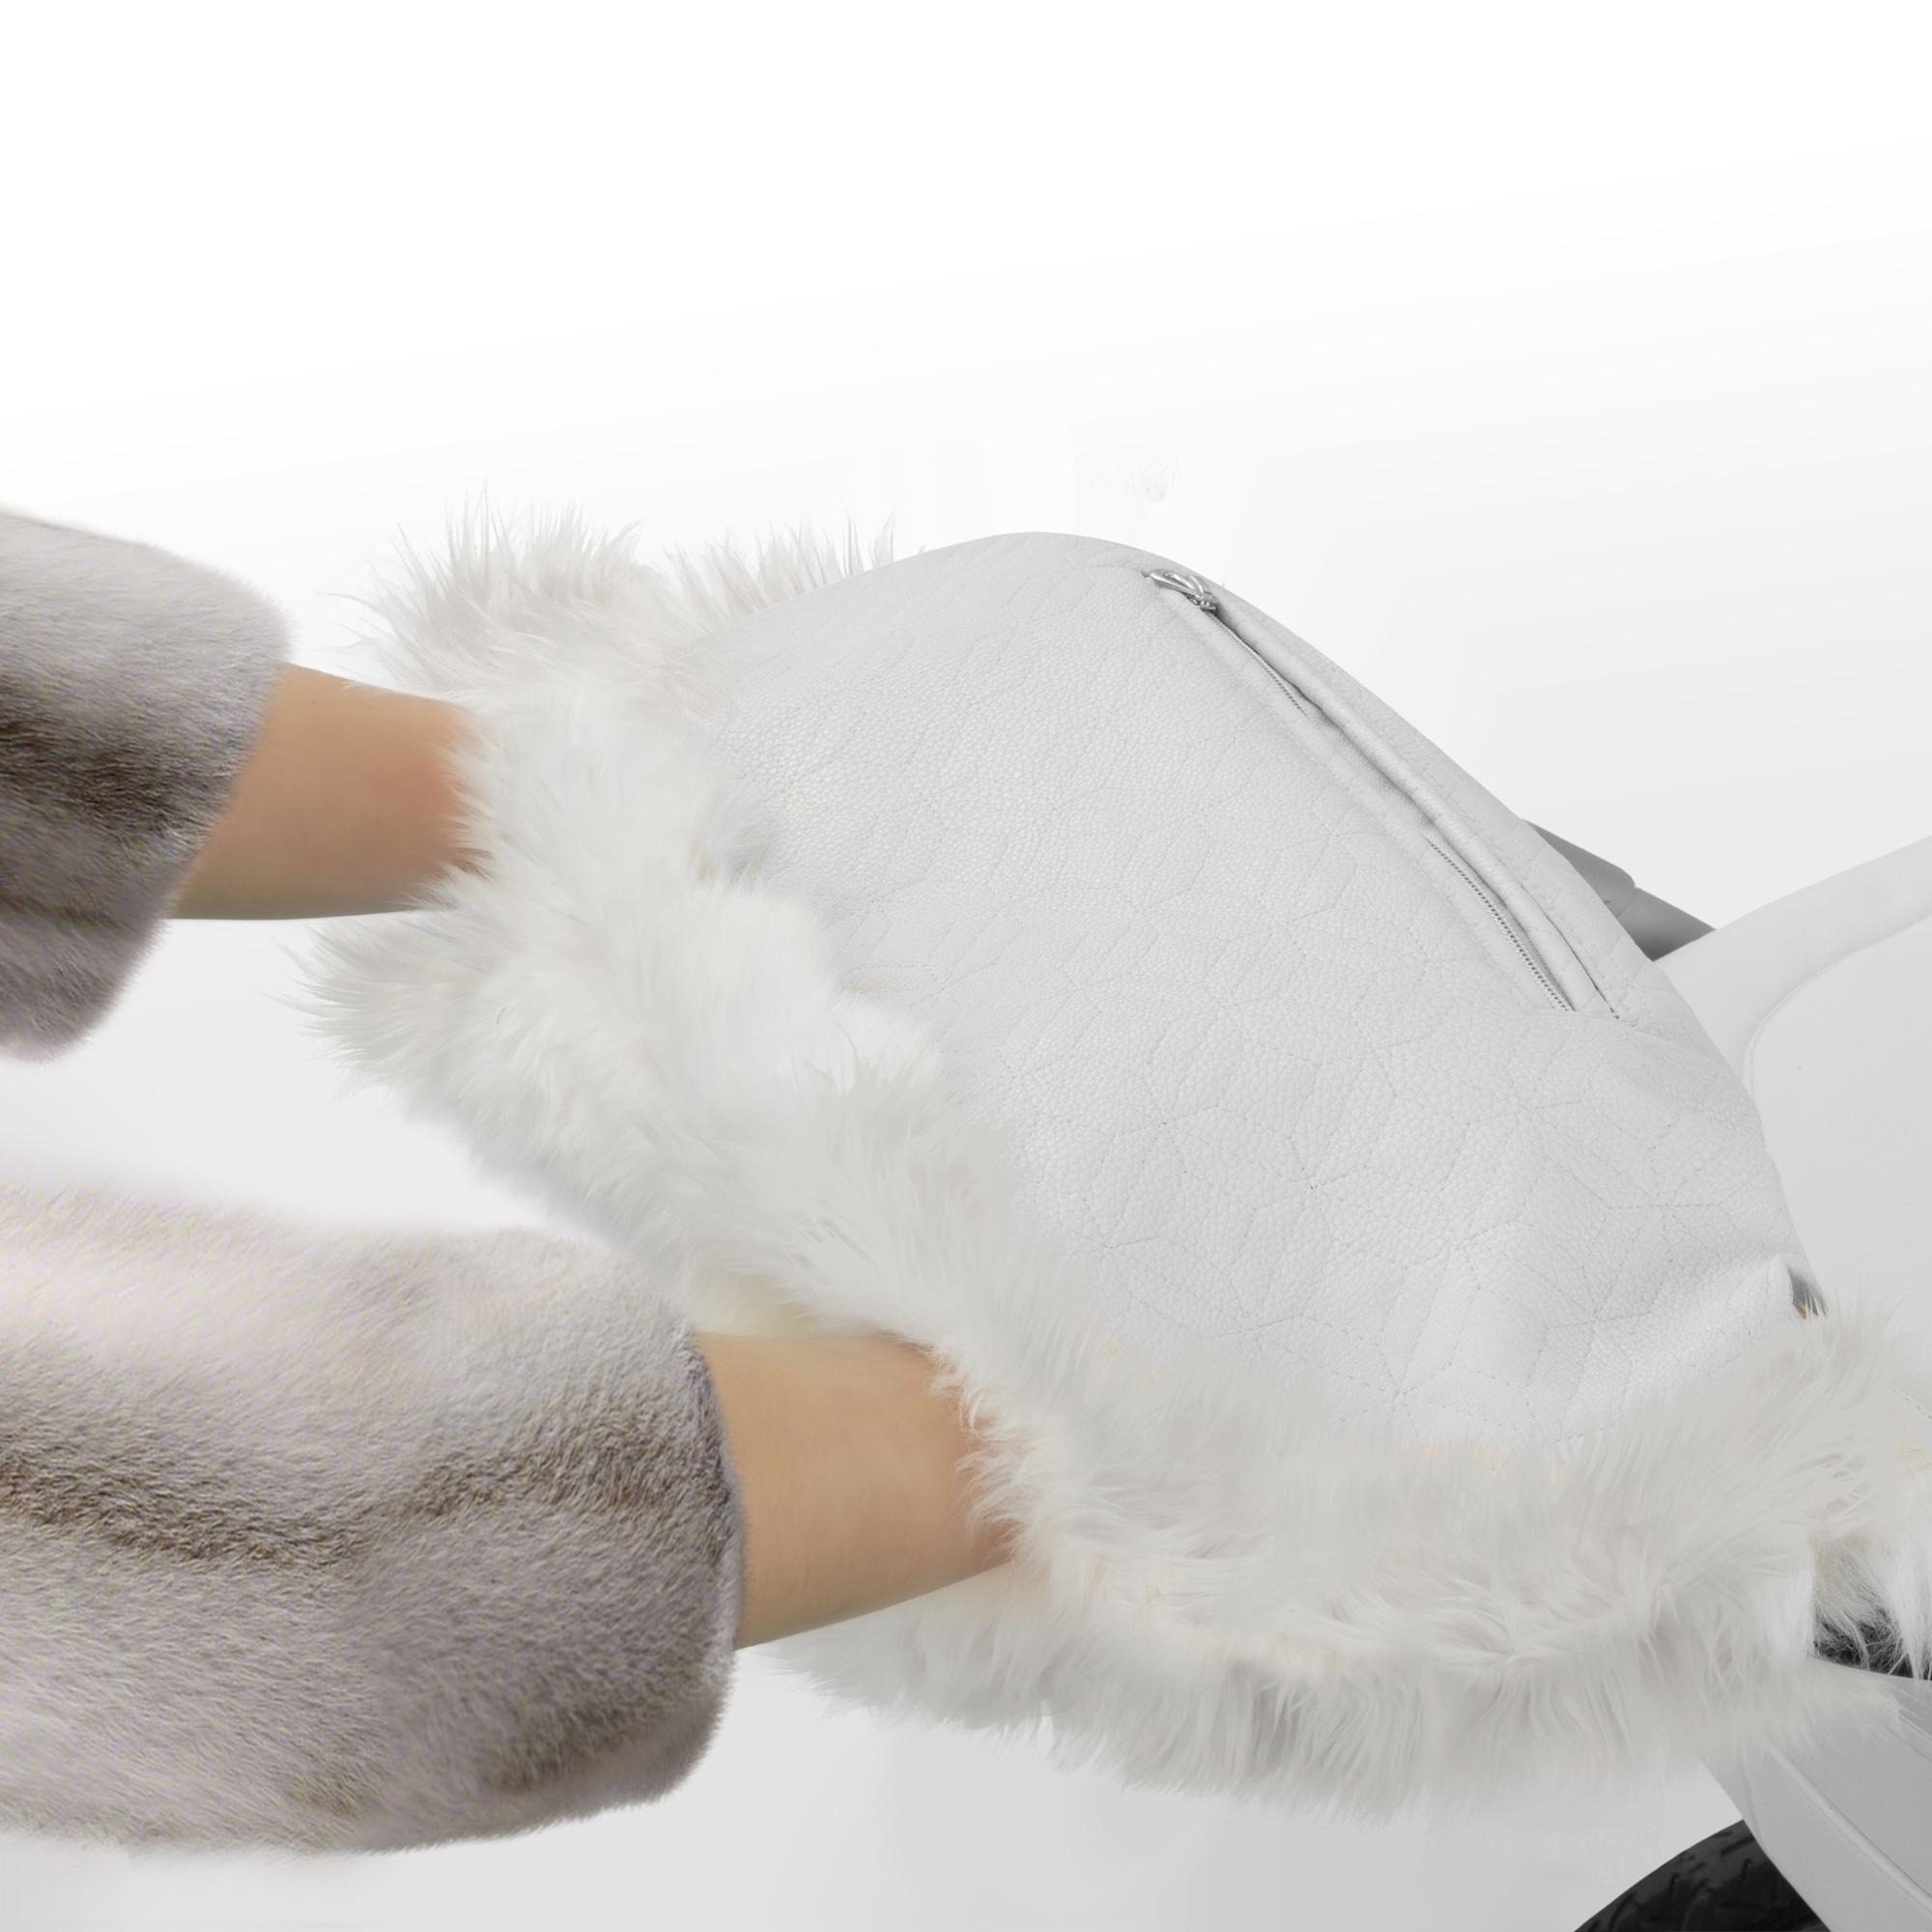 Муфты для рук Муфта для рук на коляску ( натуральный мех ) муфта_1.jpg